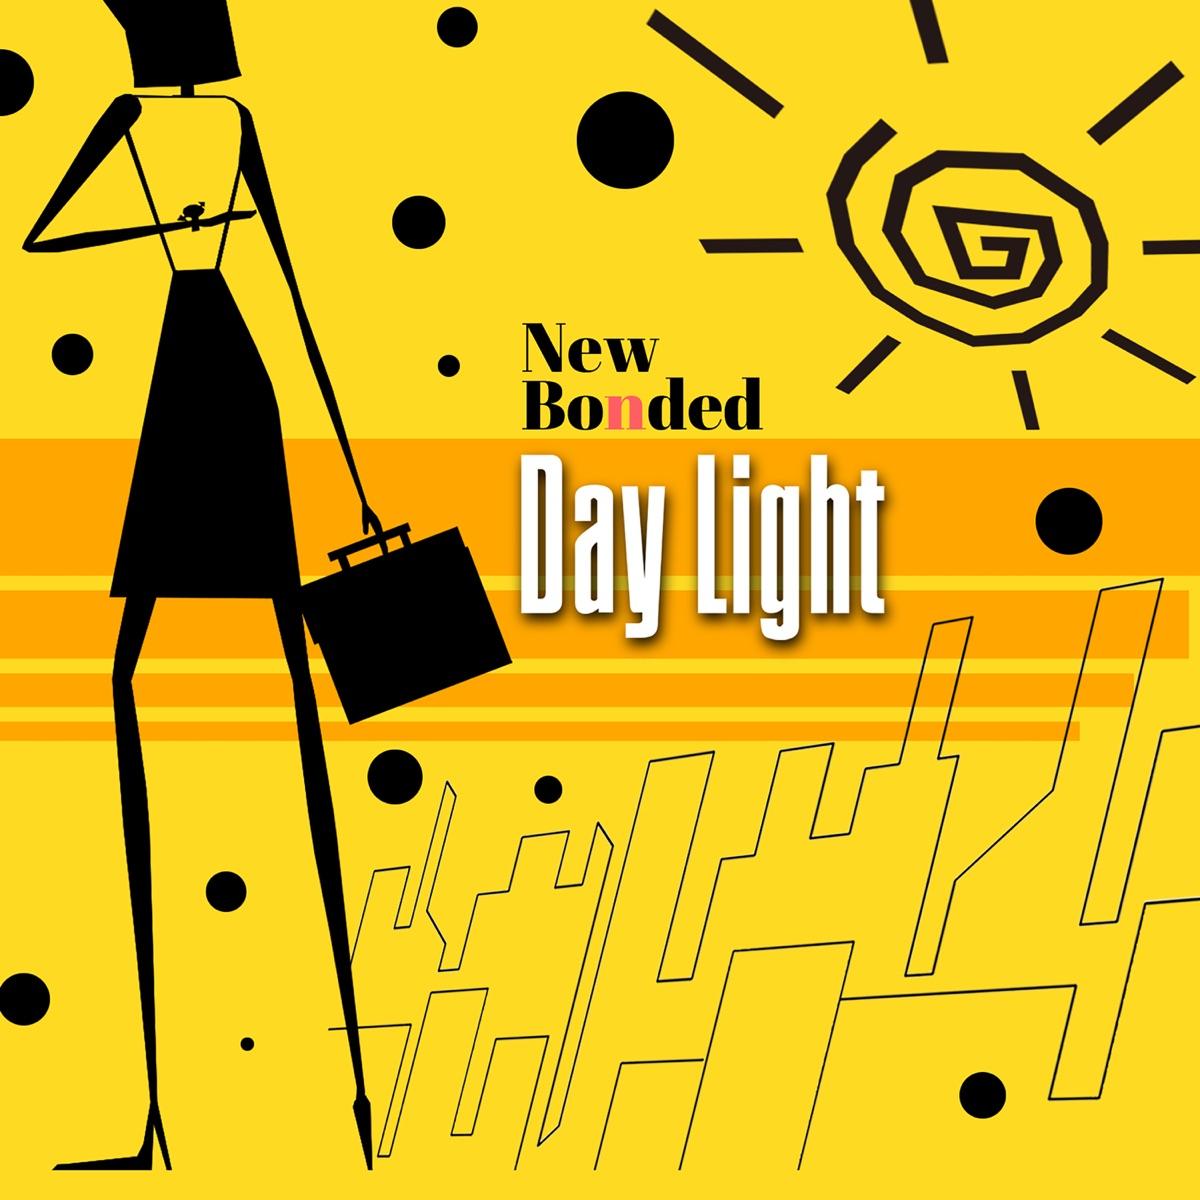 『New Bonded - DAY LIGHT』収録の『DAY LIGHT』ジャケット